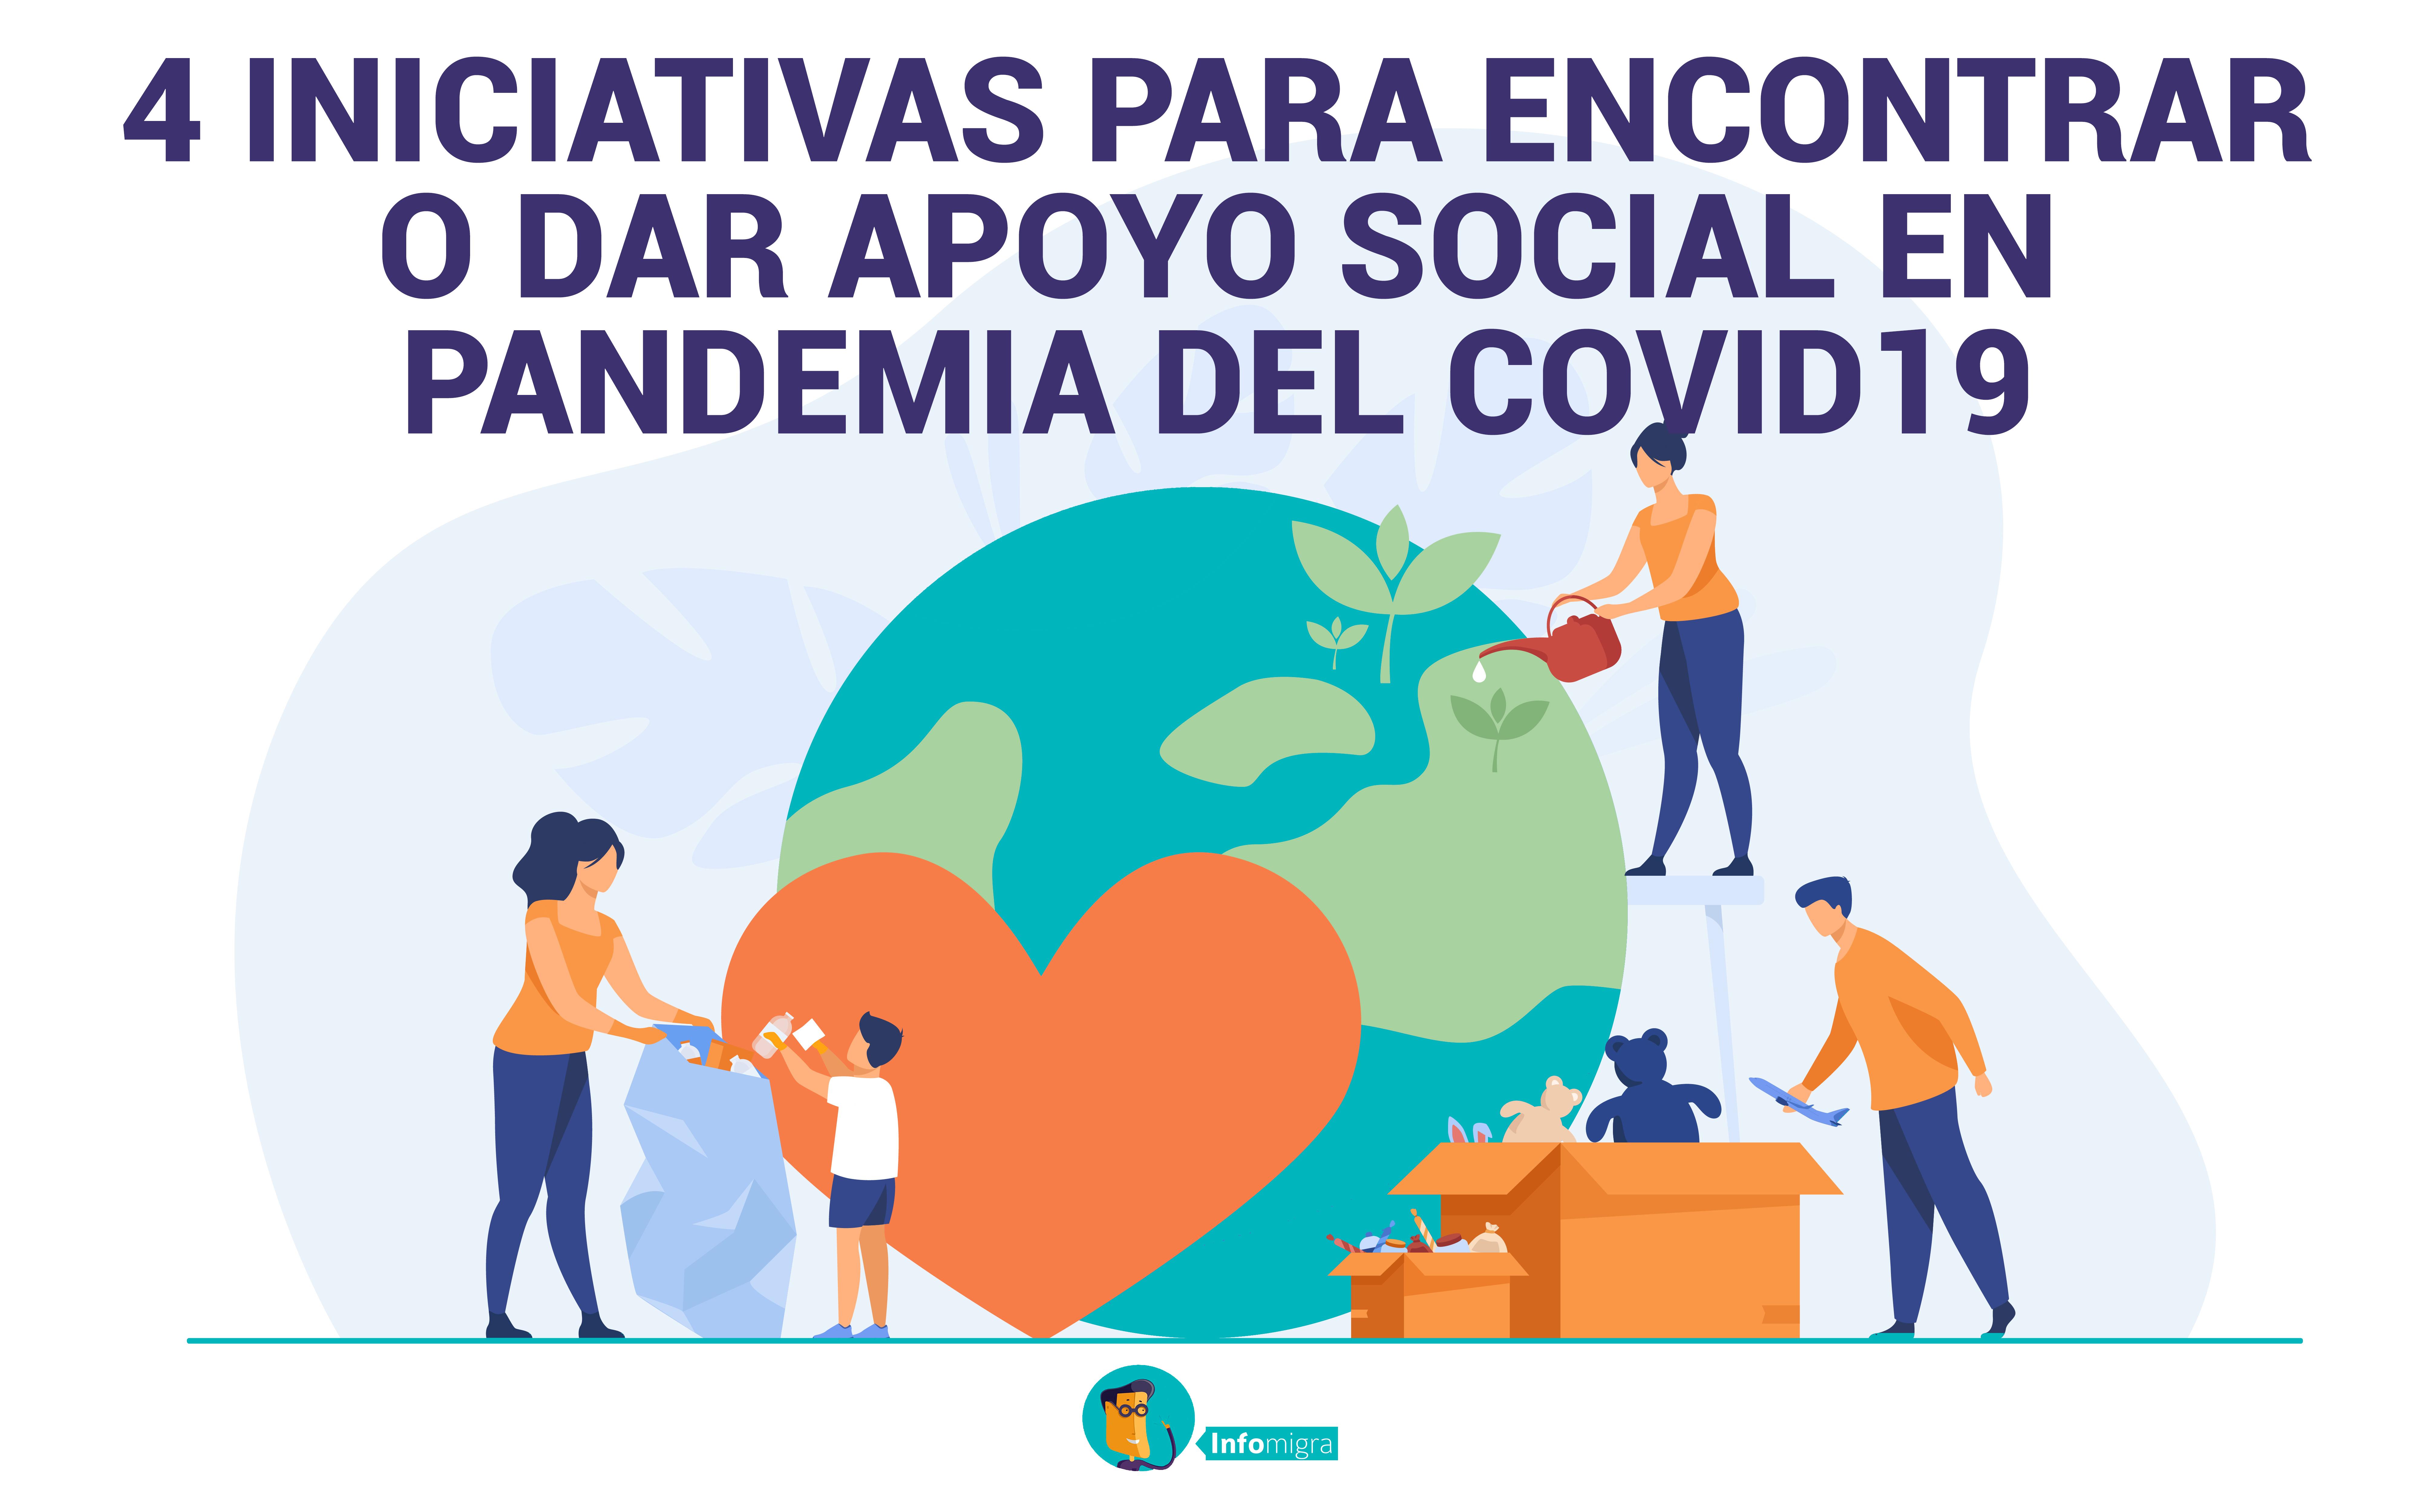 4 INICIATIVAS PARA ENCONTRAR O DAR APOYO SOCIAL EN PANDEMIA COVID19